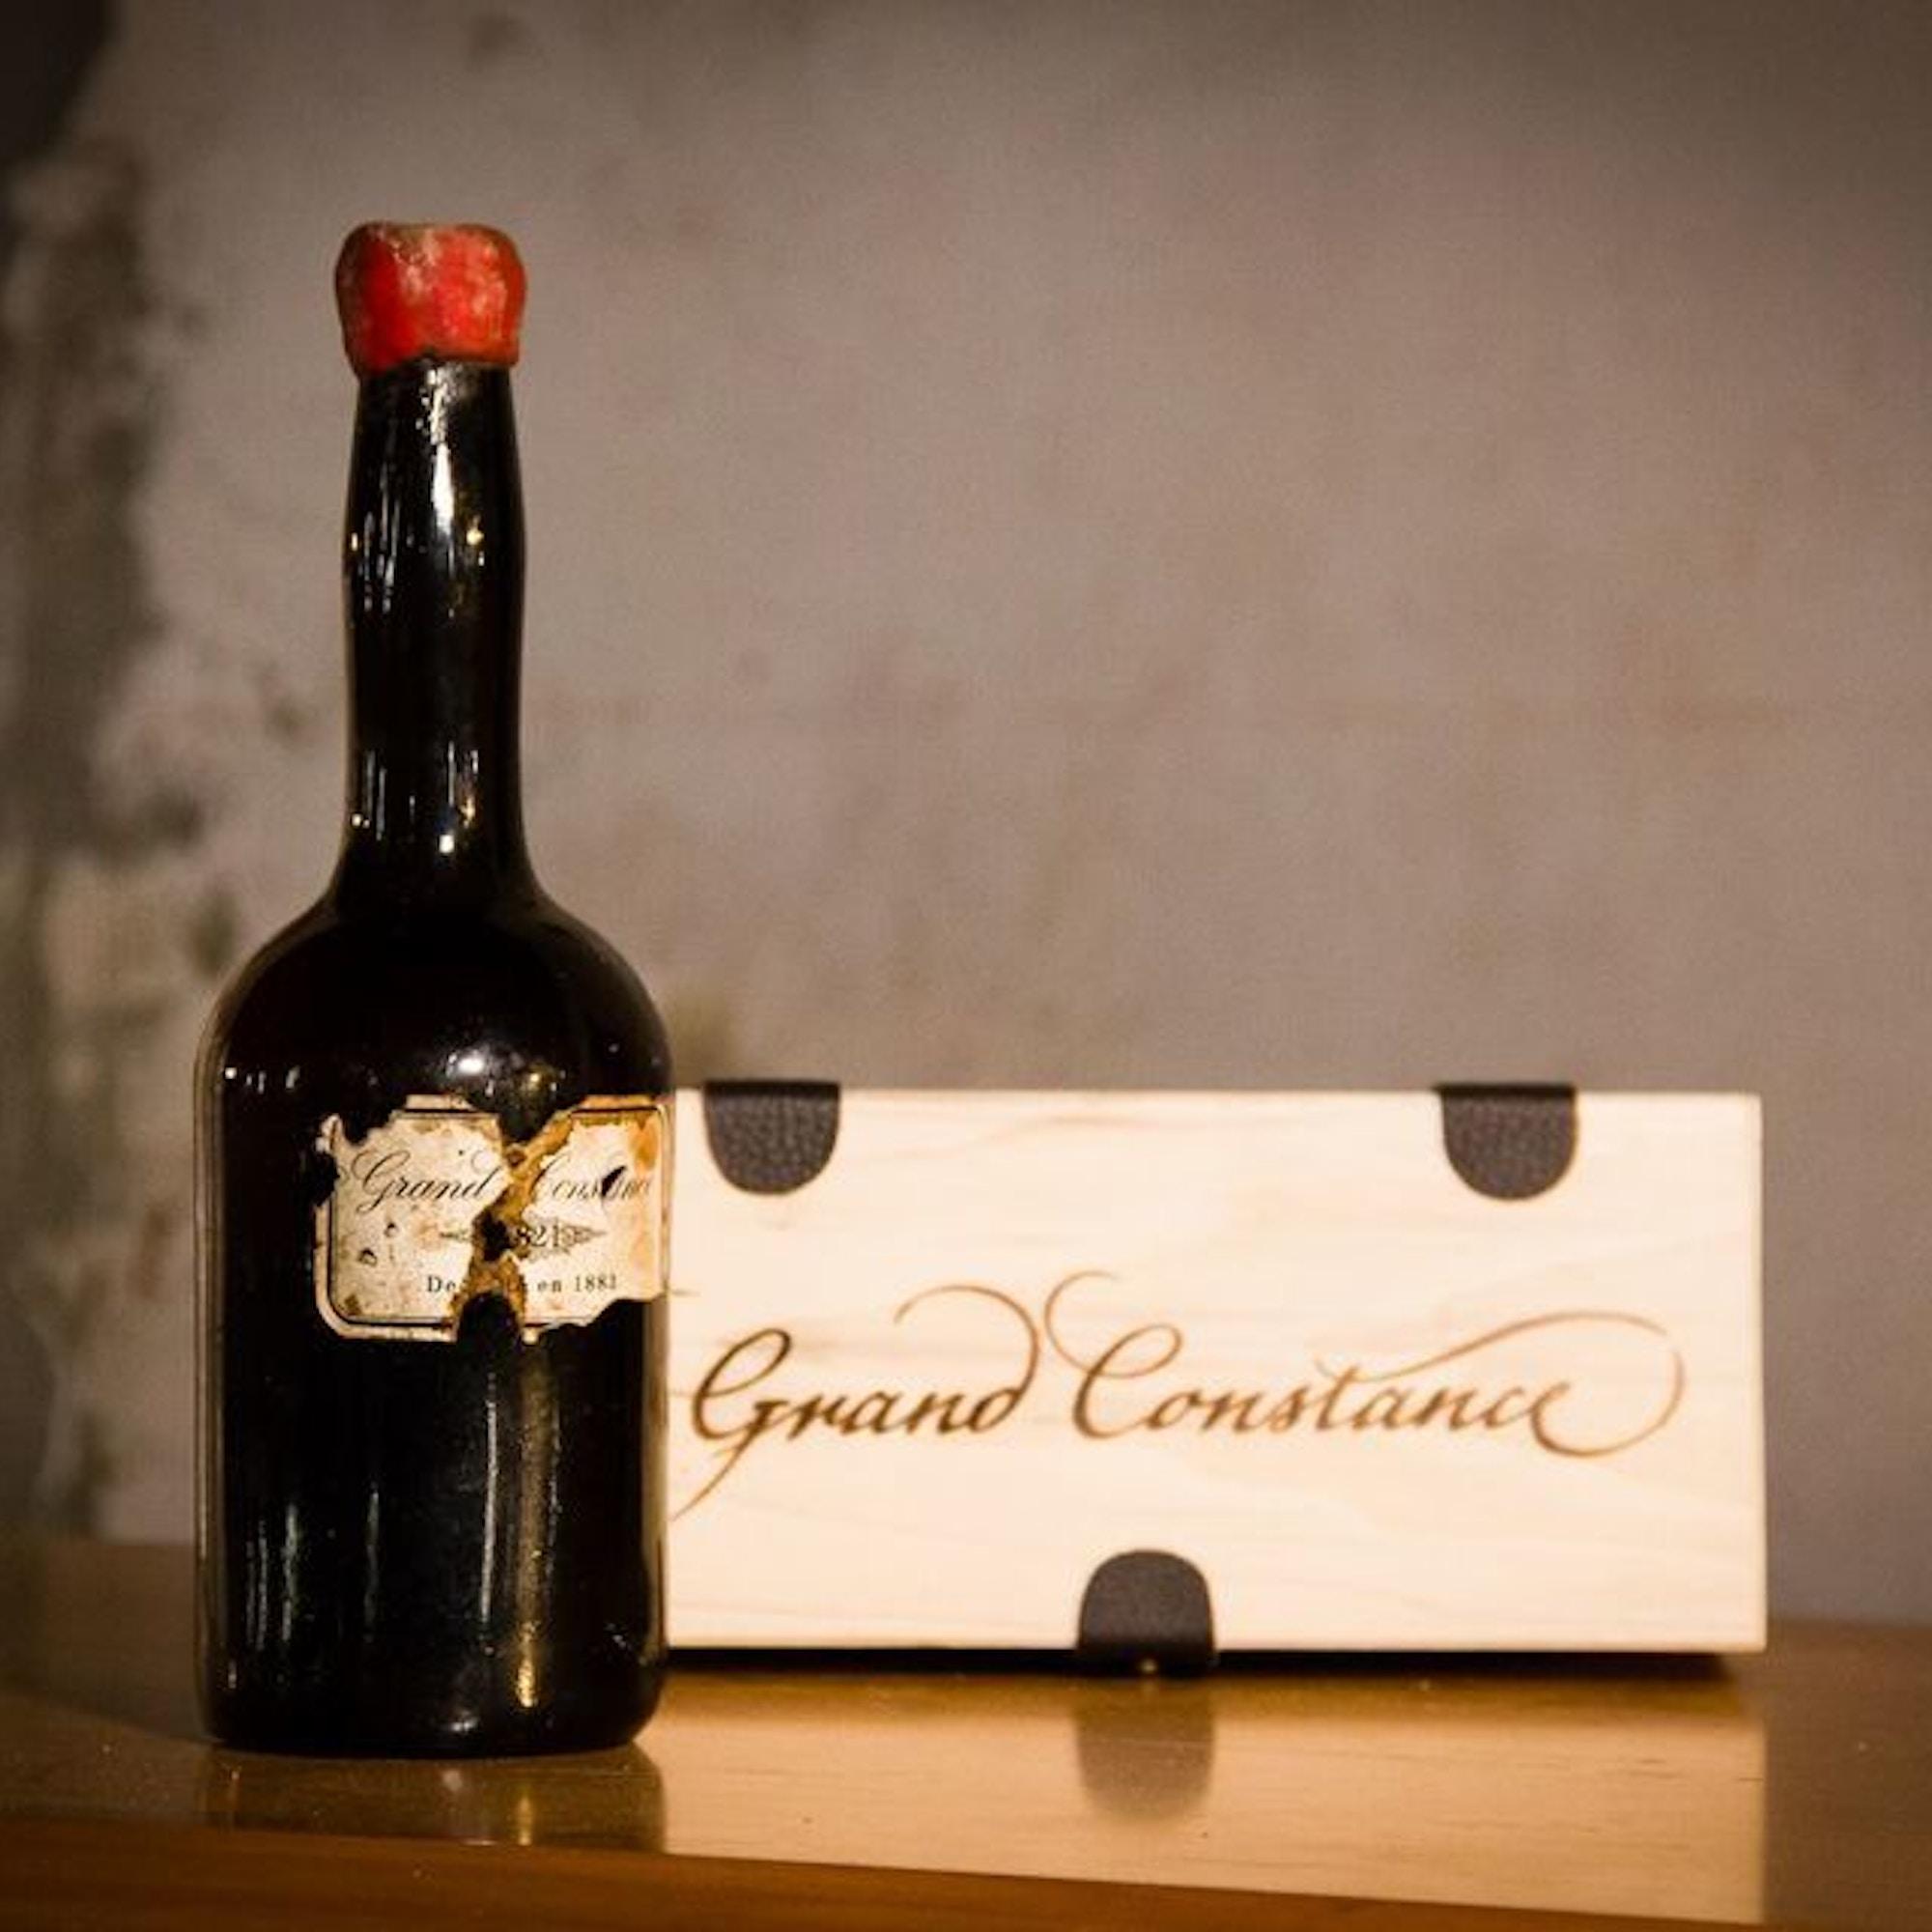 Groot Constantia Grand Constance